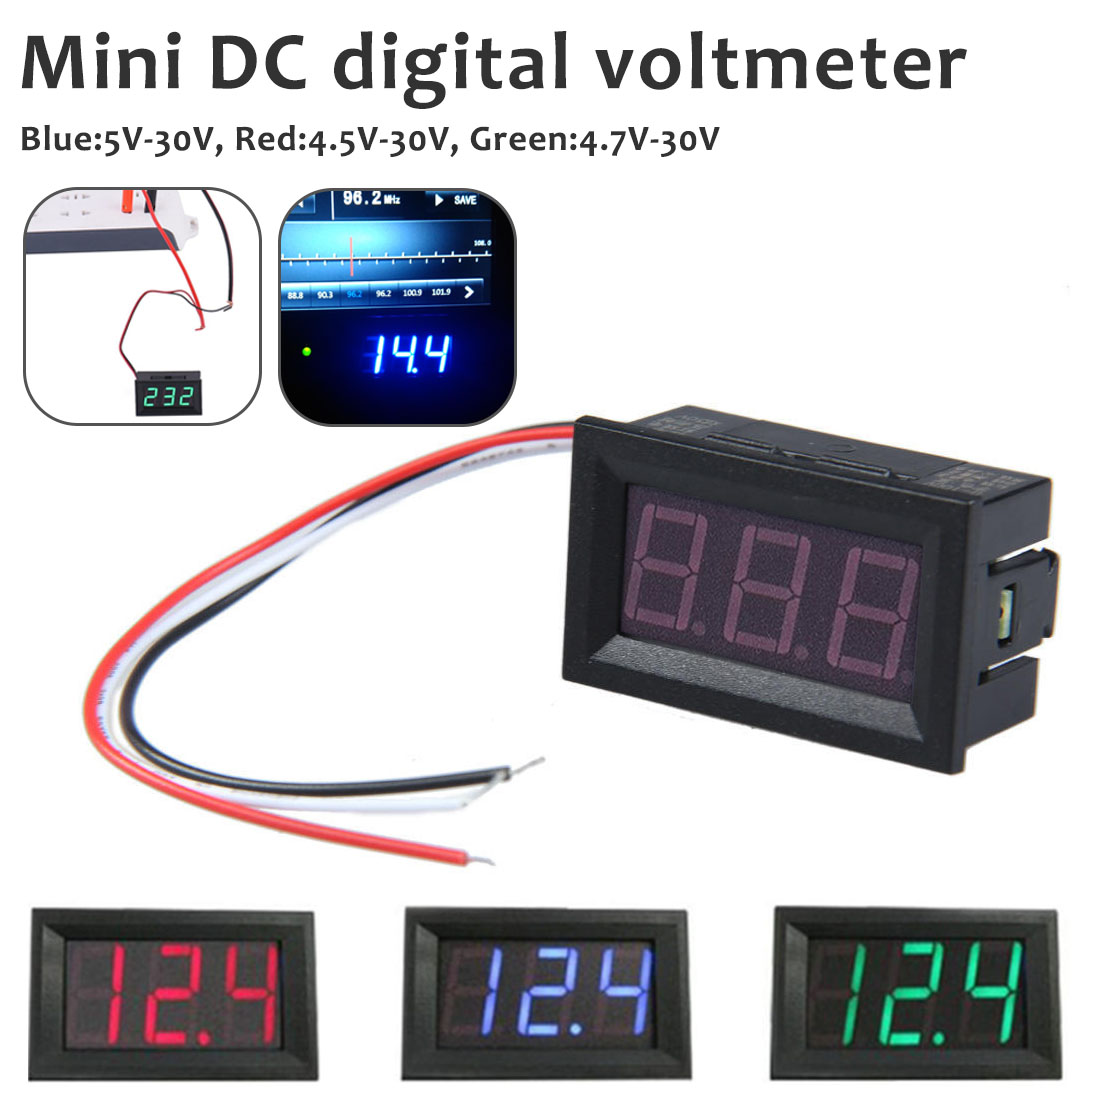 New DC 4.5V To 30V Digital Voltmeter Voltage Panel Meter Red/Blue/Green For Electromobile Motorcycle Car